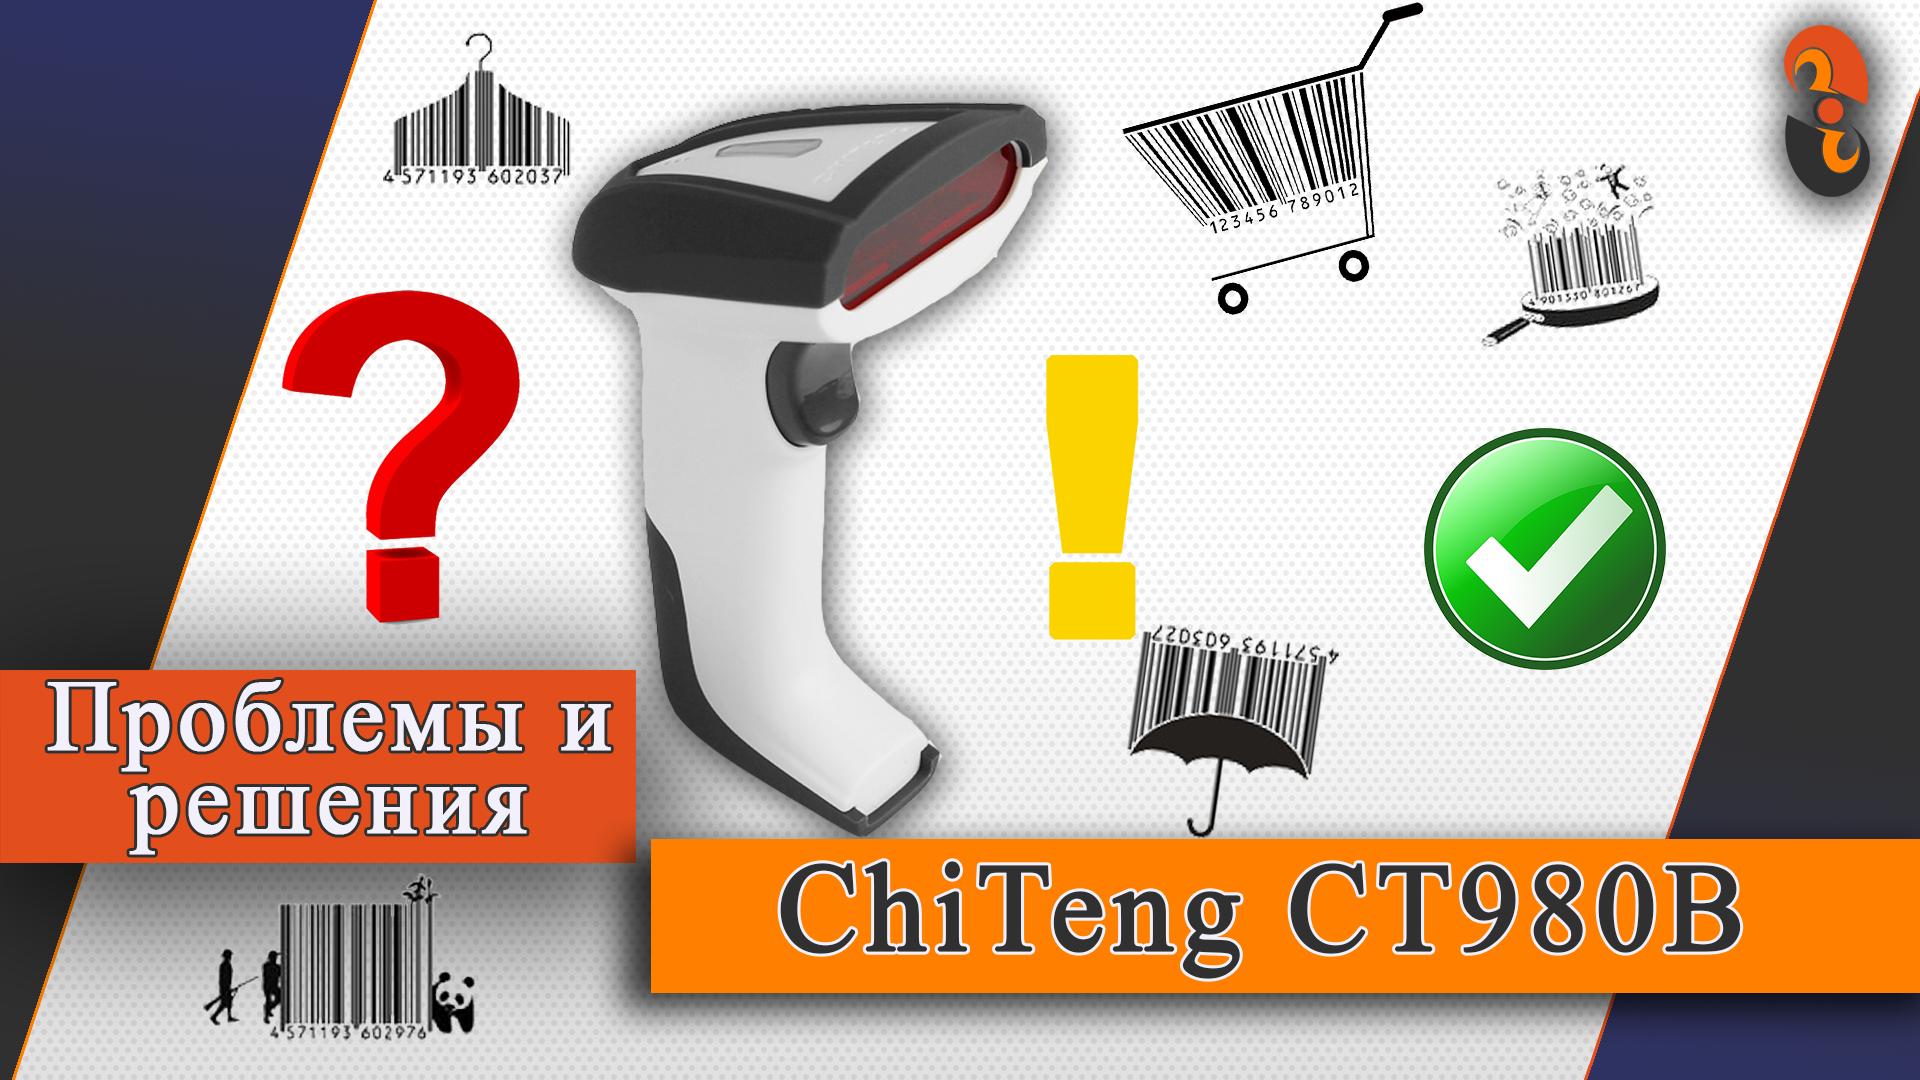 Проблемы и решения Сканер штрих-кода CT980B